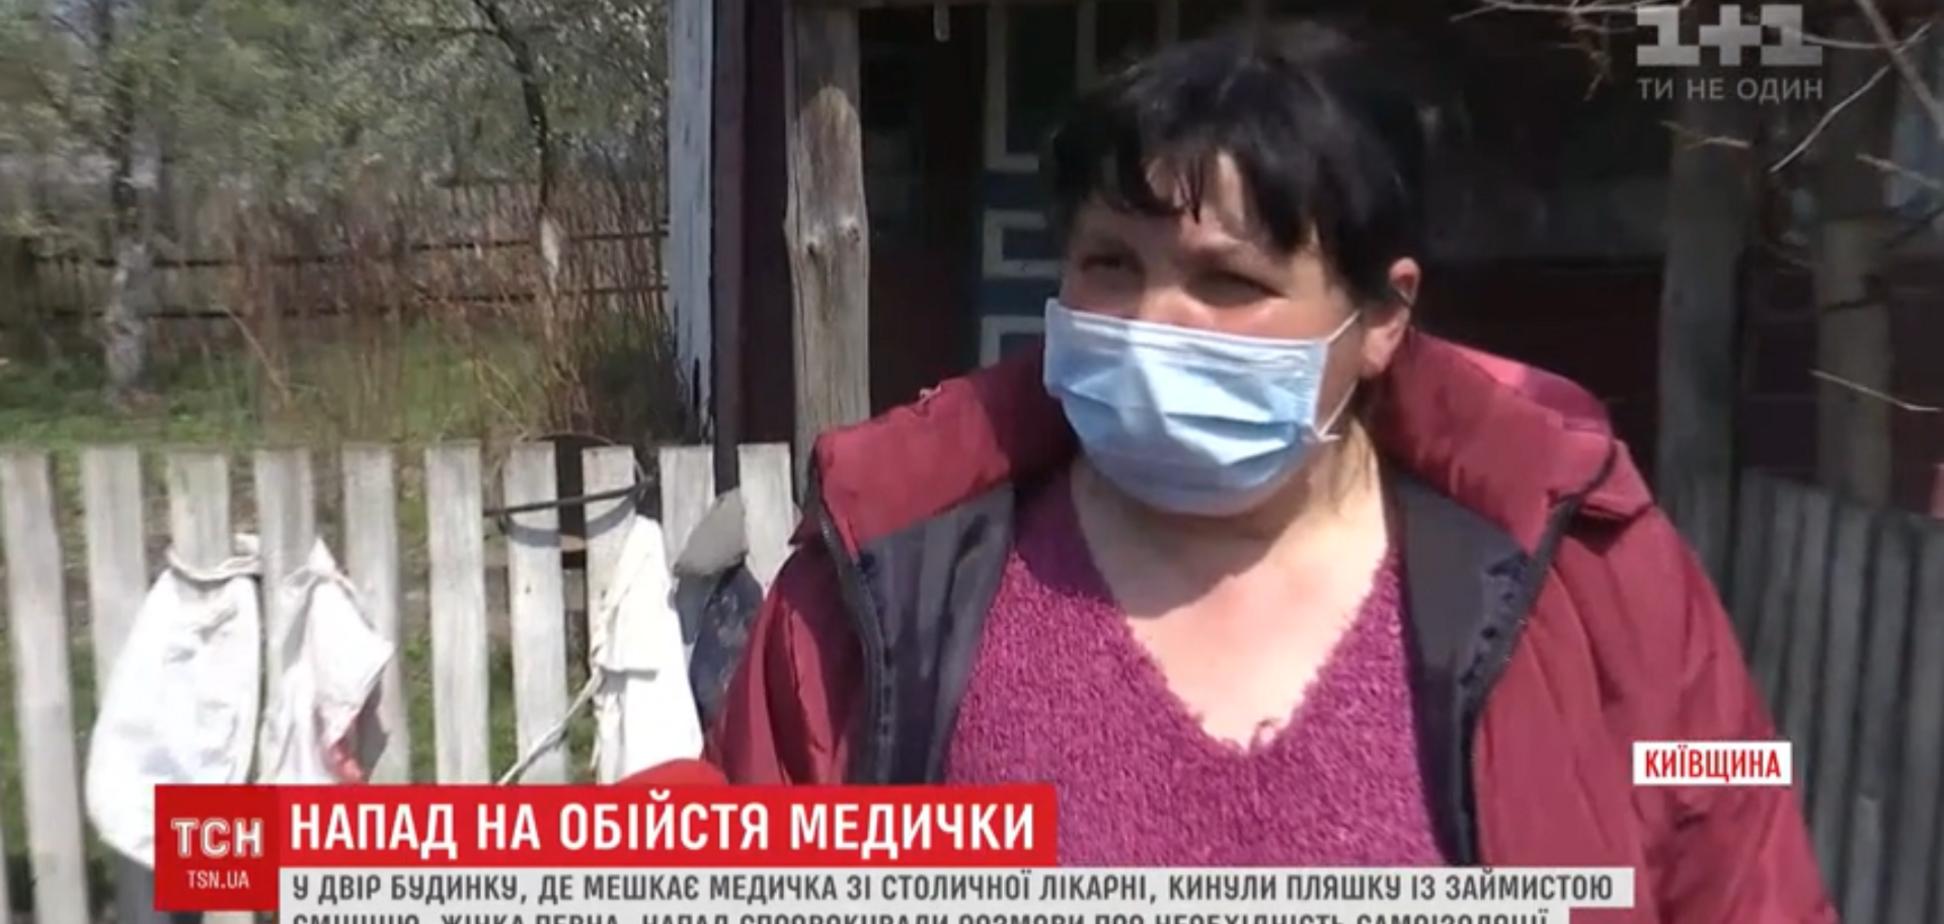 На Киевщине затравили медсестру с подозрением на коронавирус: выяснились новые детали